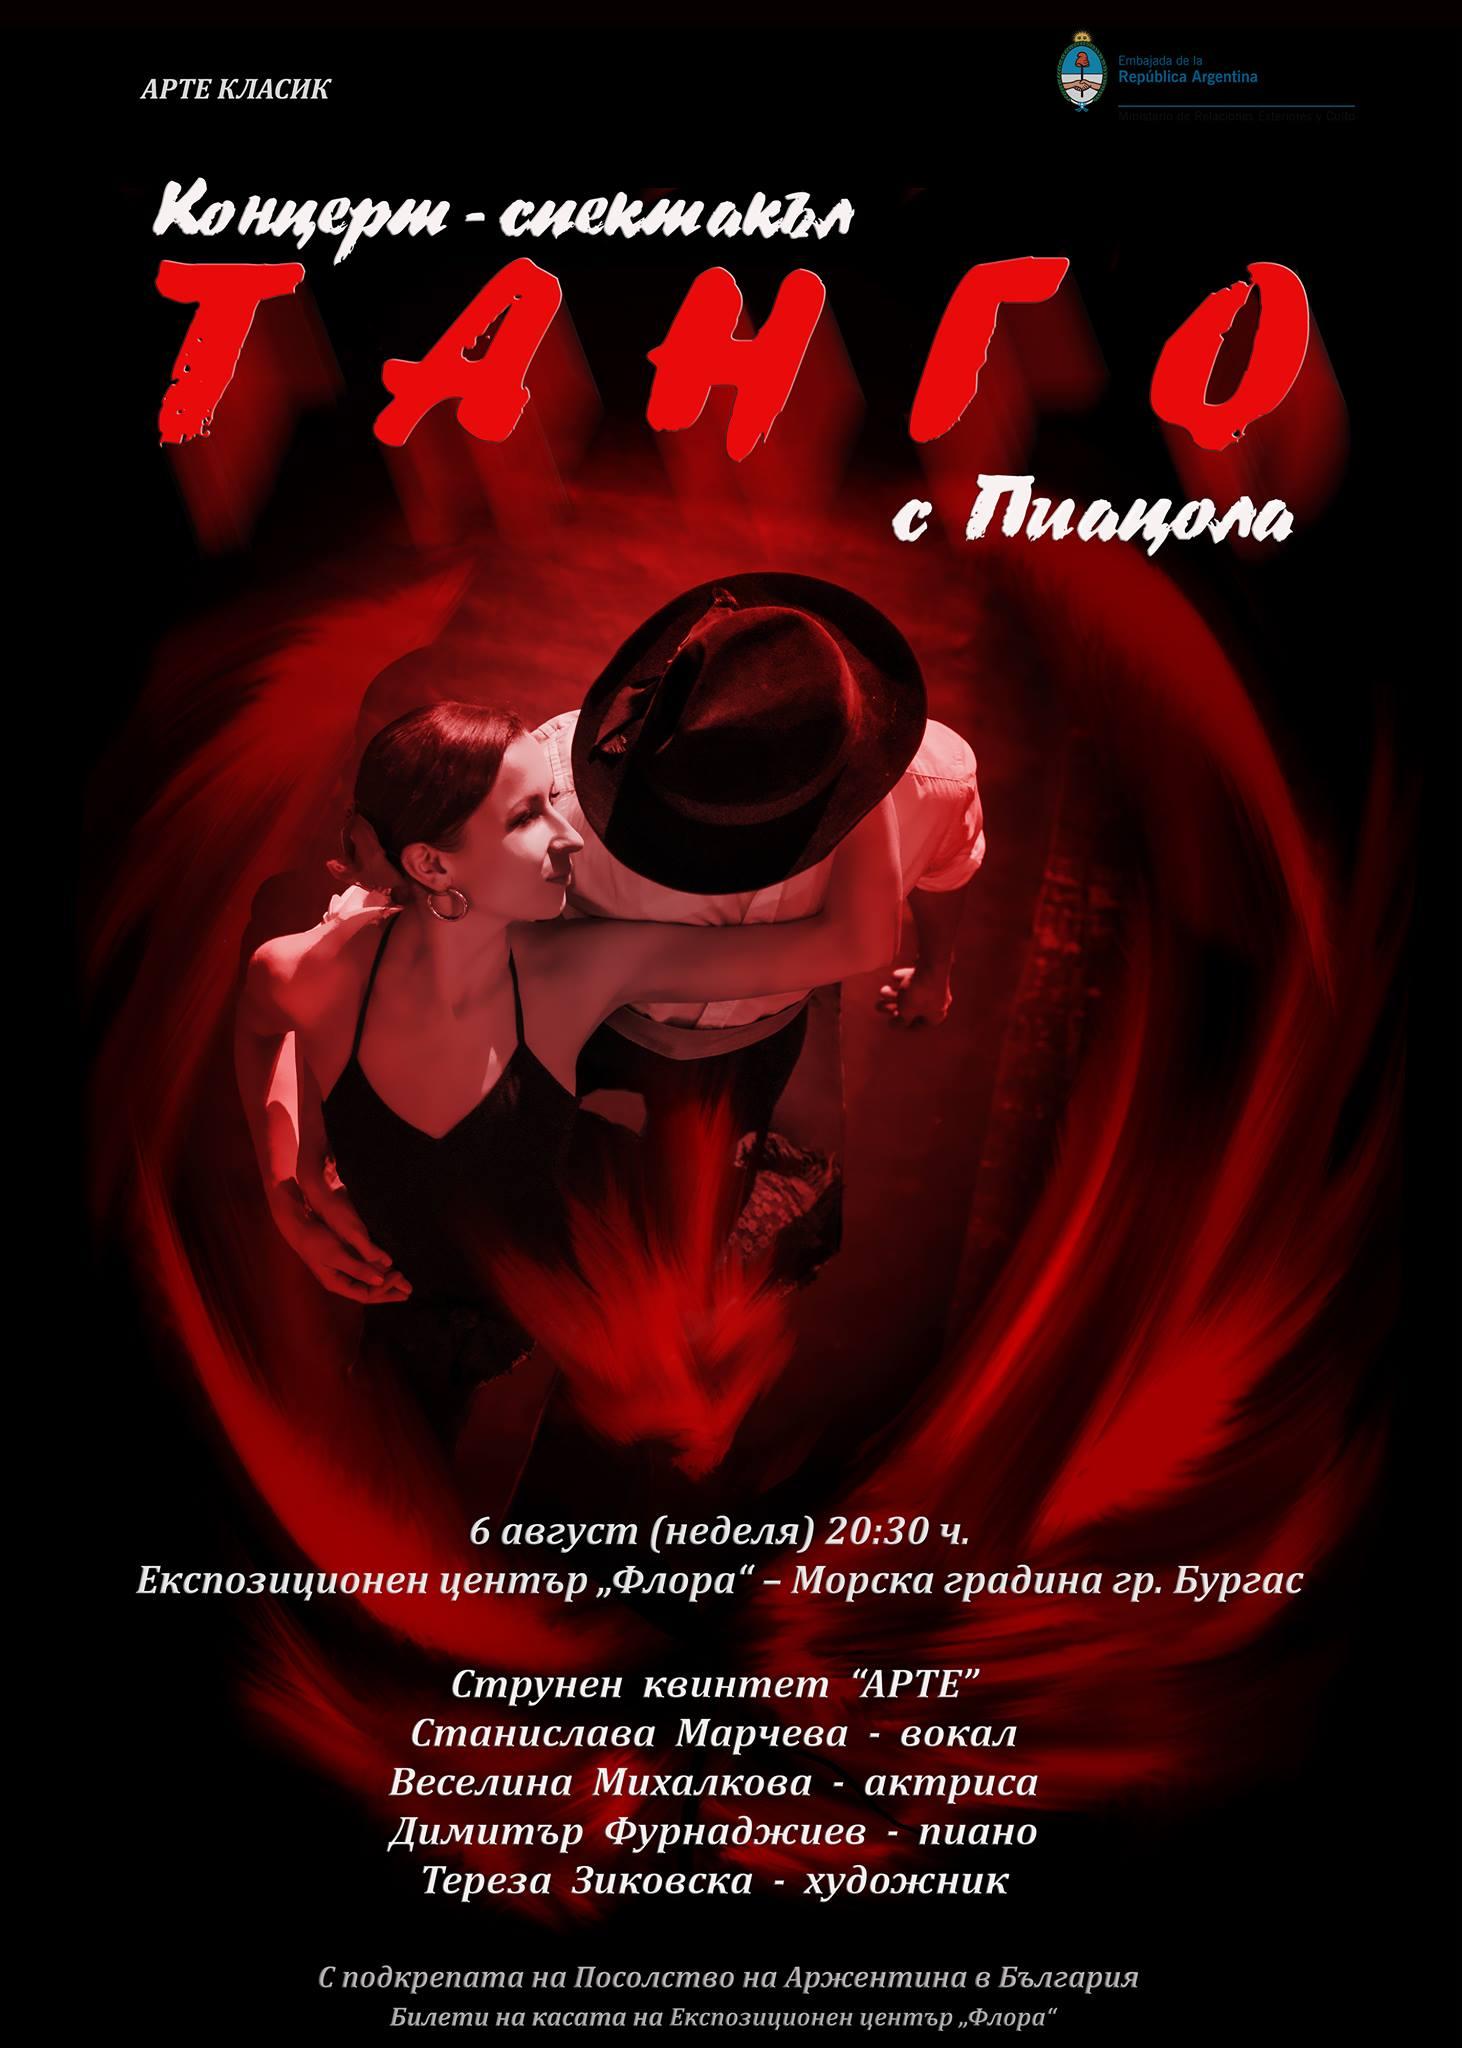 """Кадифена вечер с тангото на Пиацола – на 6 август във """"Флората"""